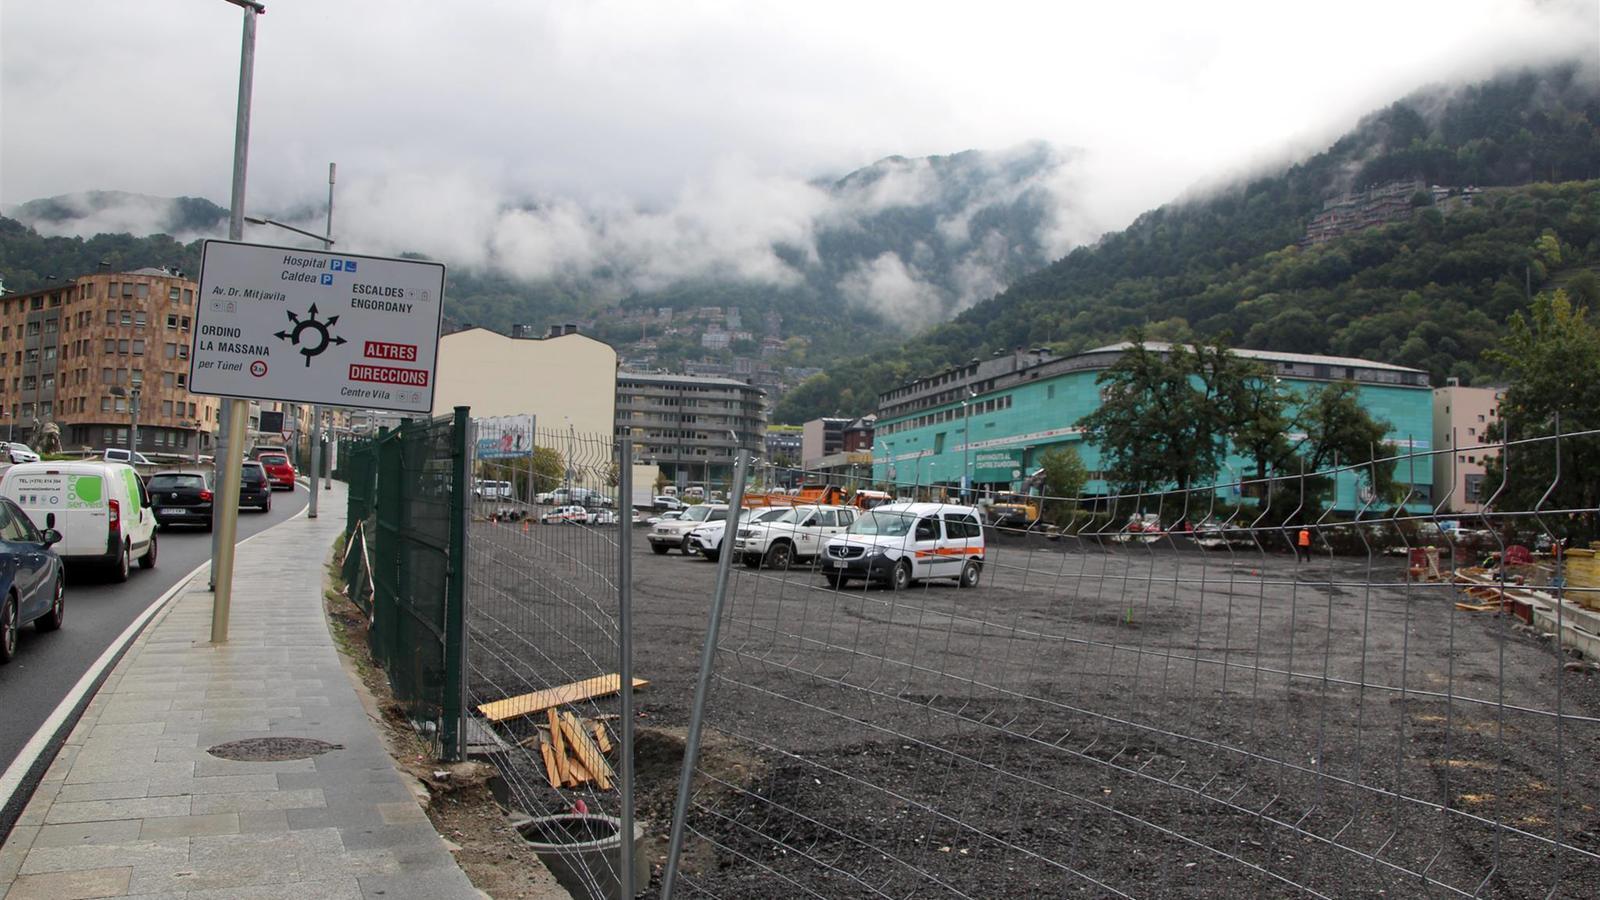 El nou aparcament al carrer Valira, a tocar de la rotonda de la Dama de Gel. / T. N. (ANA)